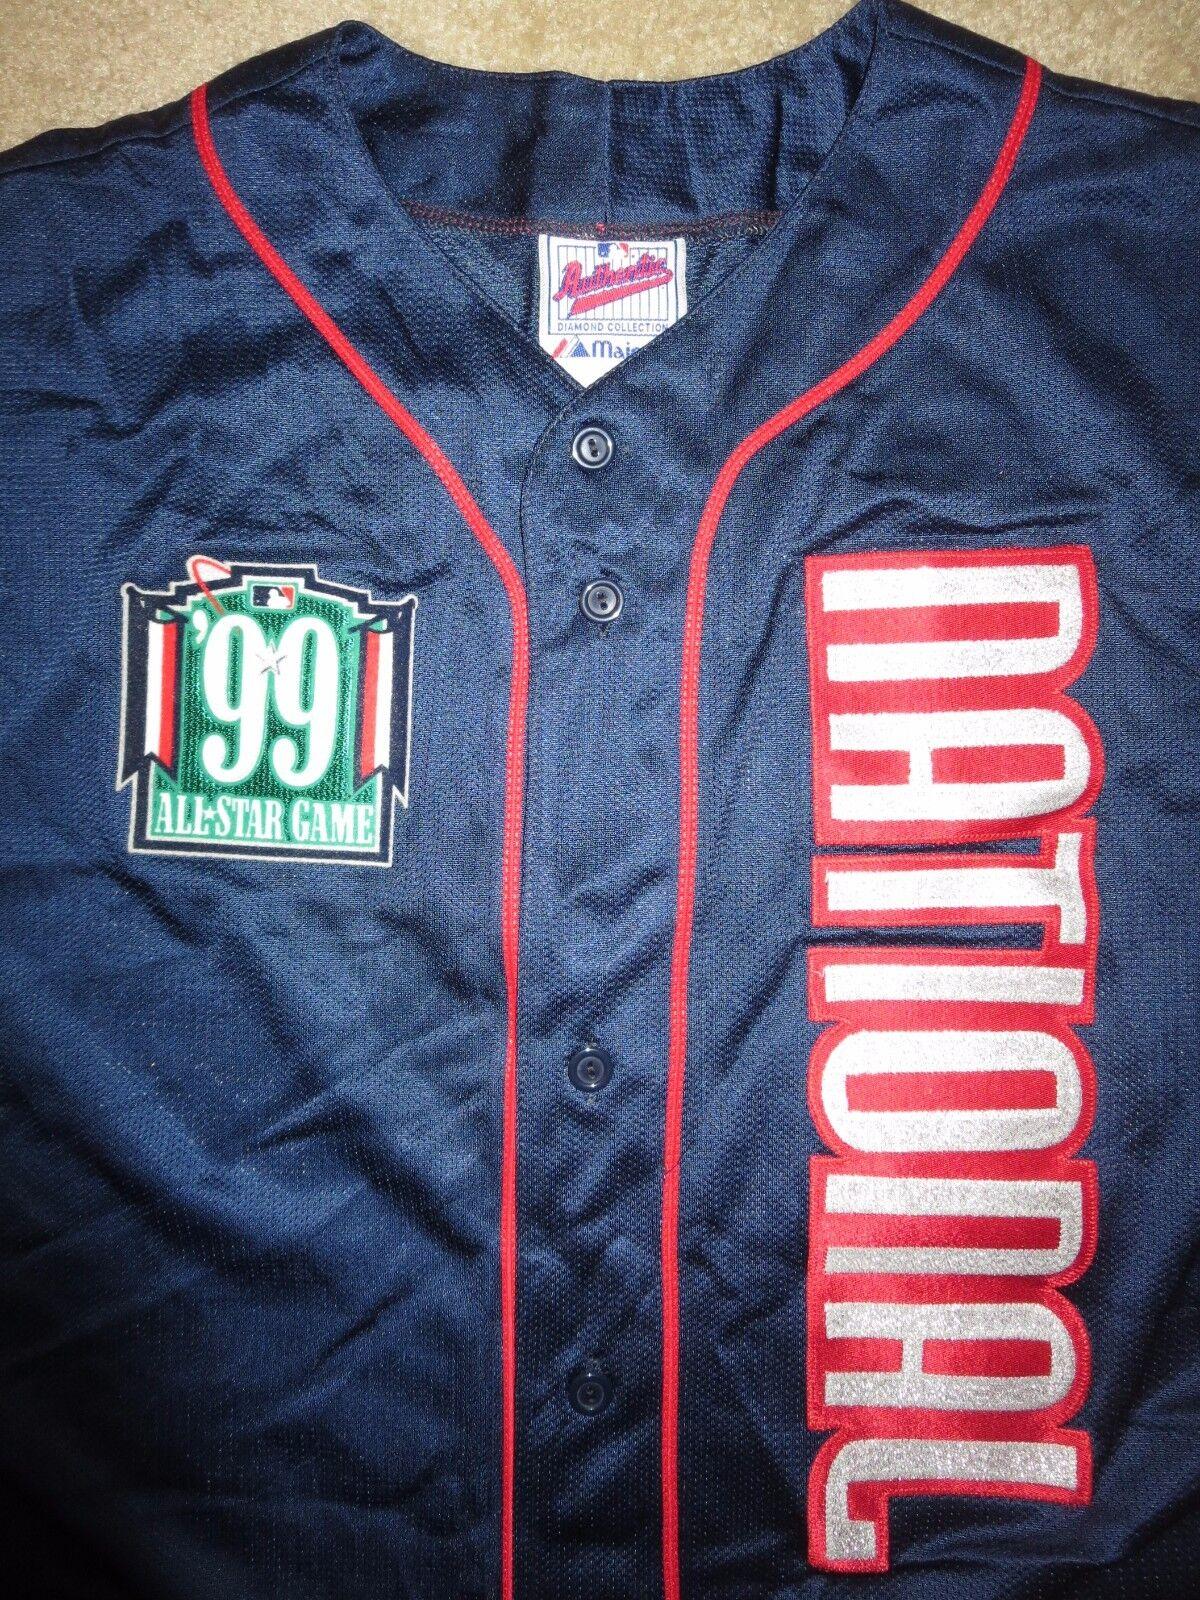 Mark Mcgwire 1999 All Star Spiel st Louis Cardinals MLB MLB MLB Trikot 2XL 2x 2dac67